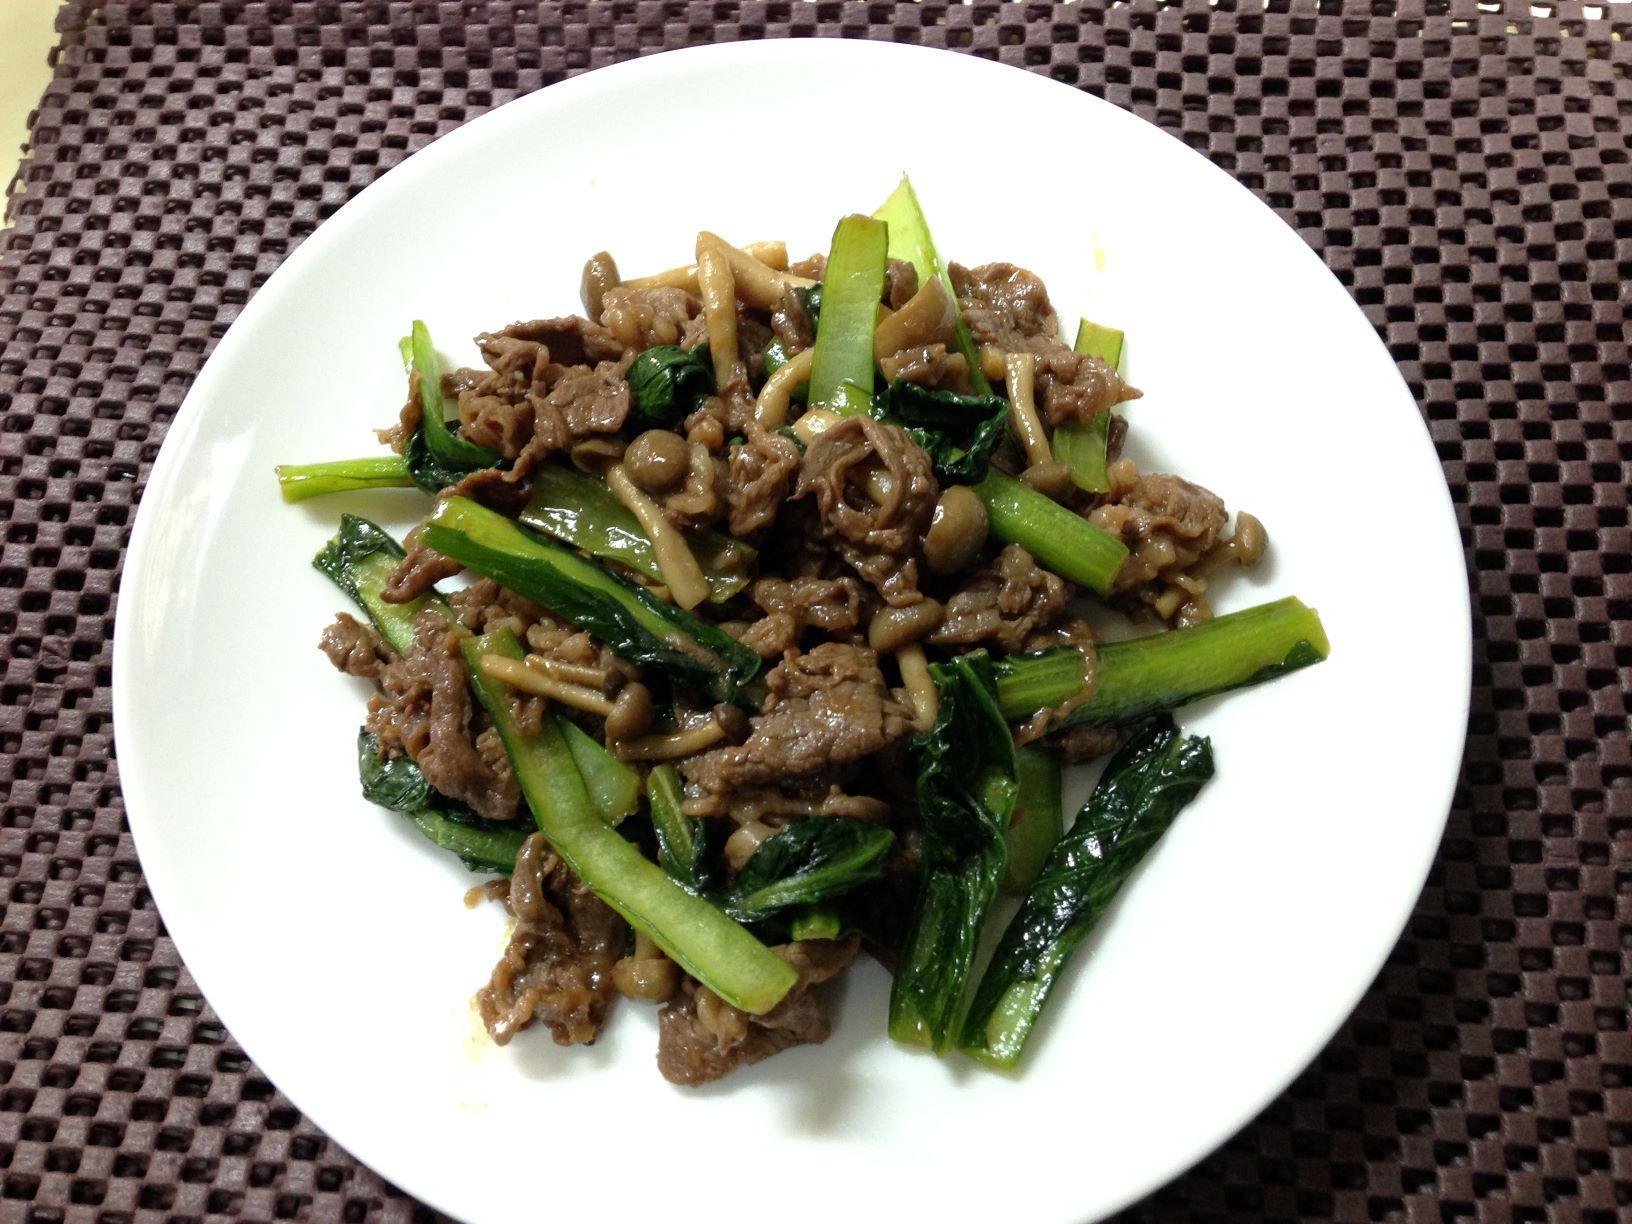 【減塩レシピ】オイスターソースで味をきめる!牛肉と小松菜の炒め物